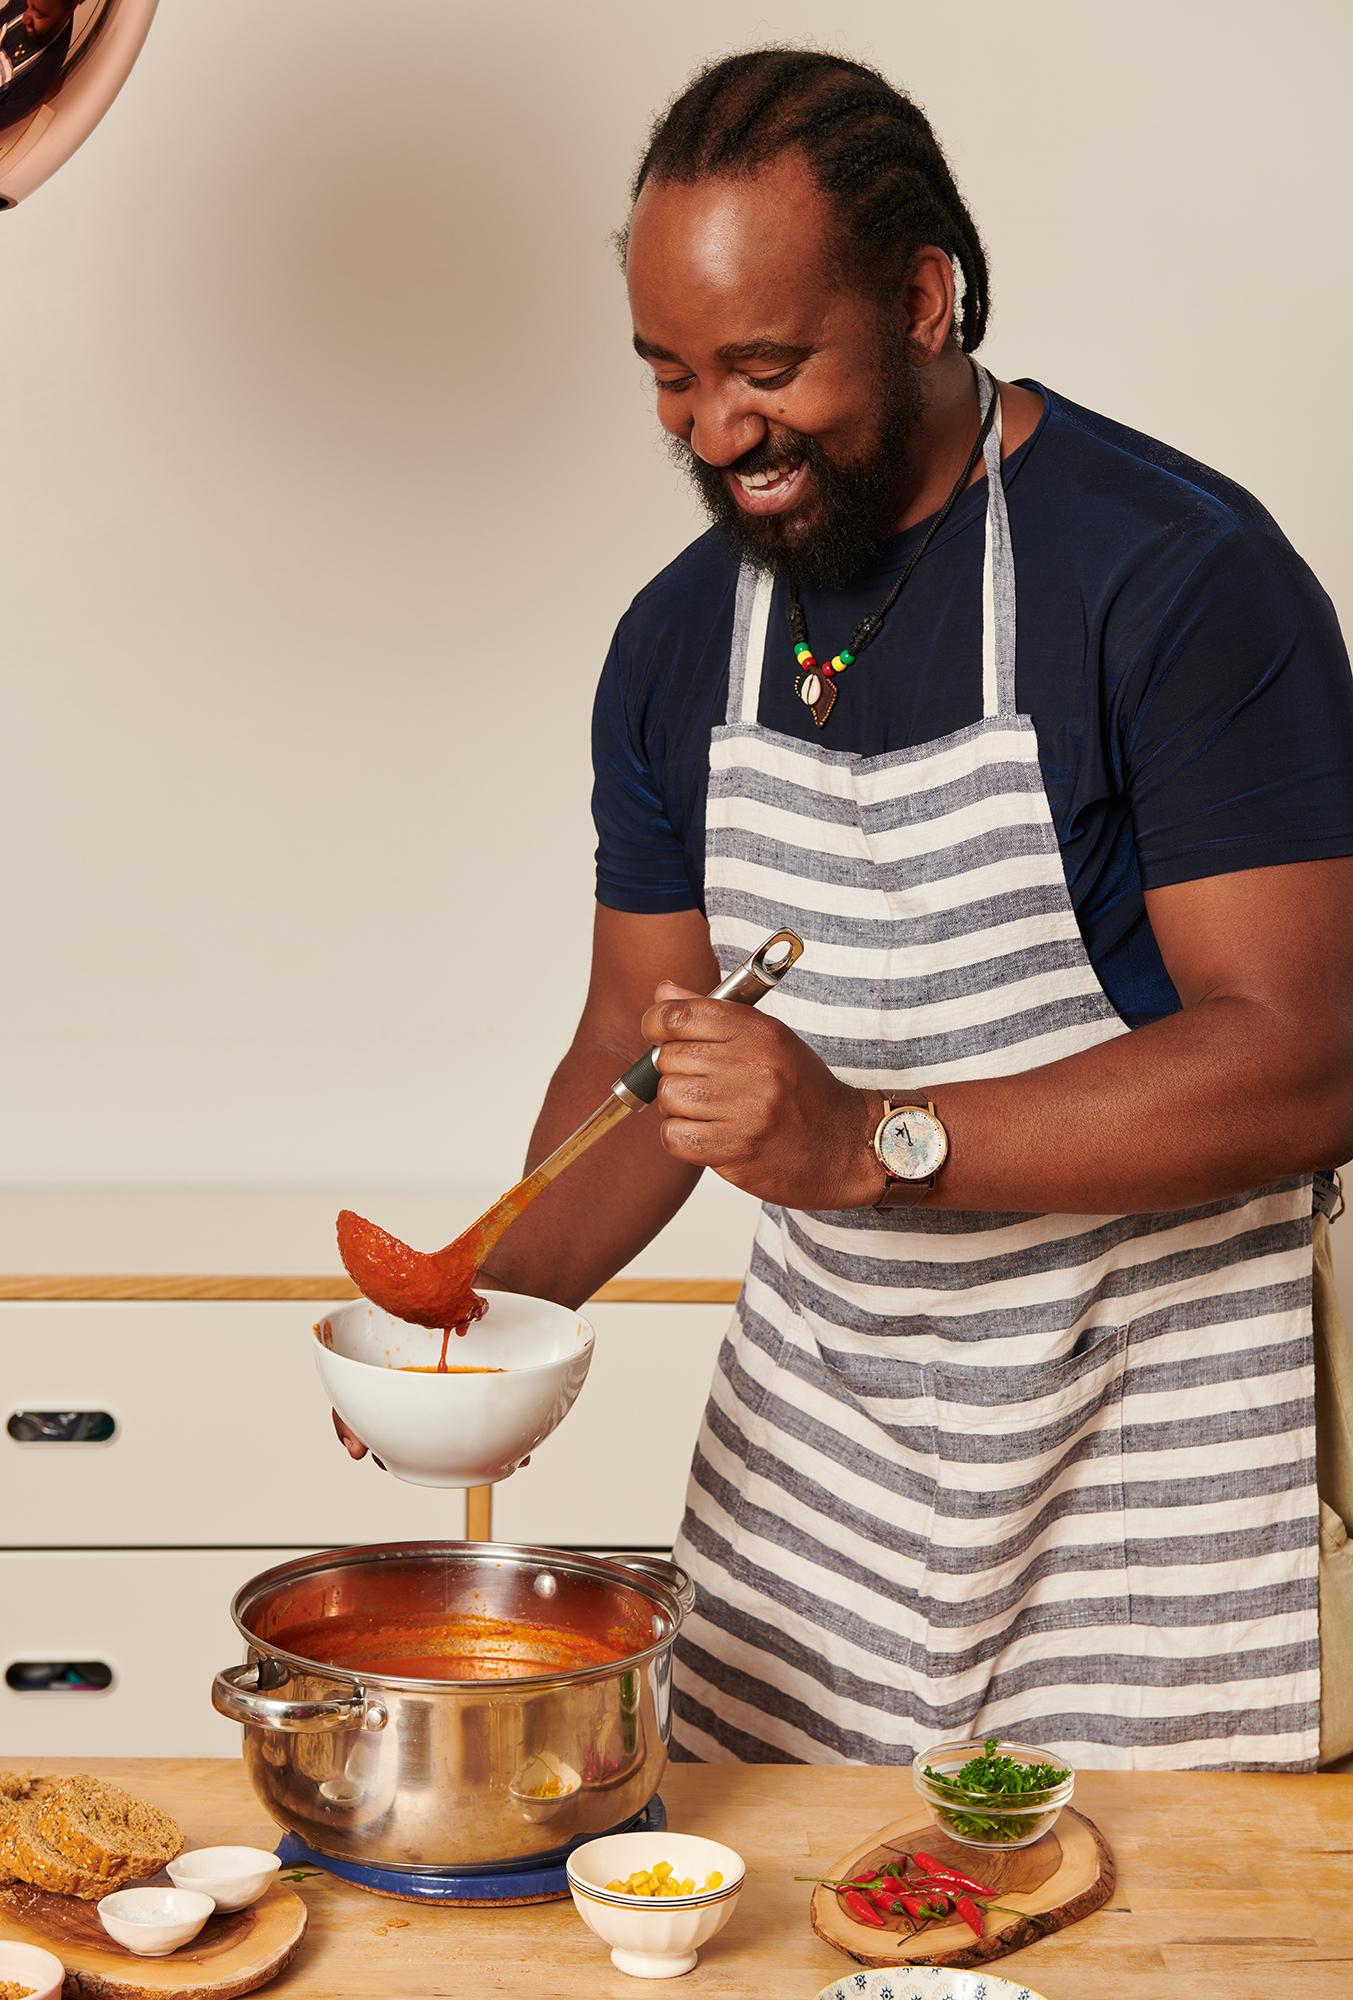 portrait of a man serving soup